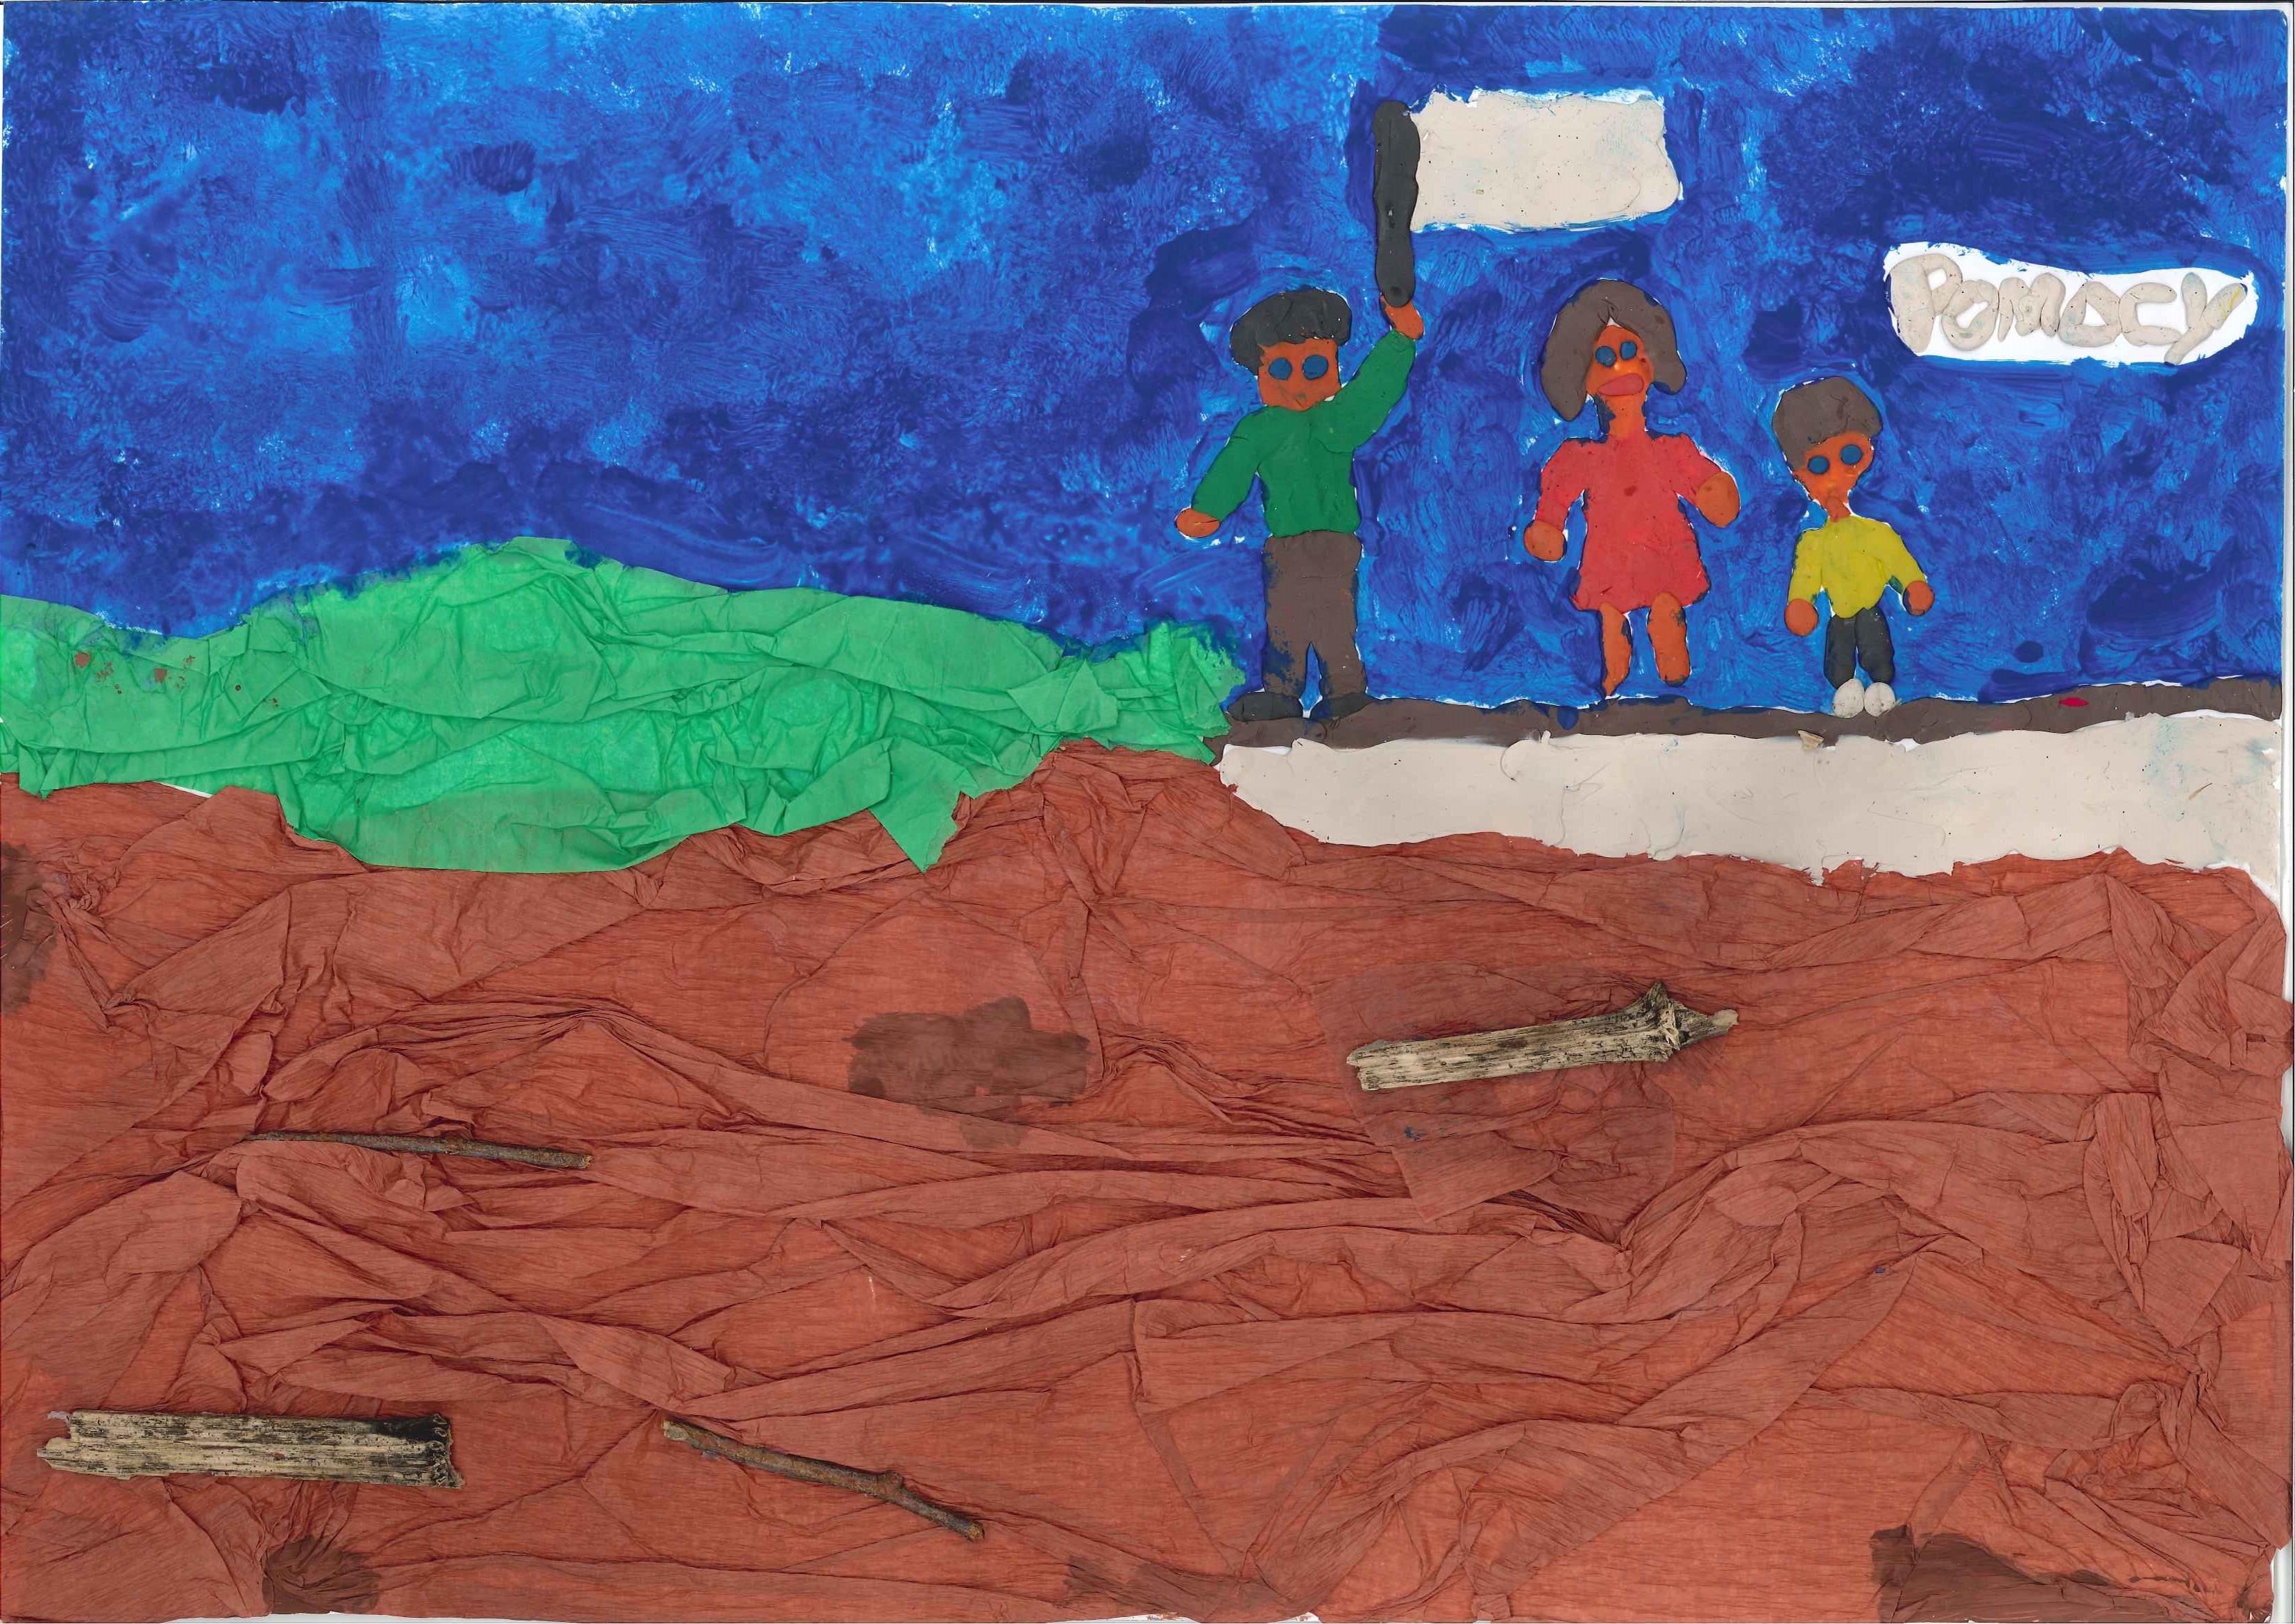 dzieci, konkurs, powódź